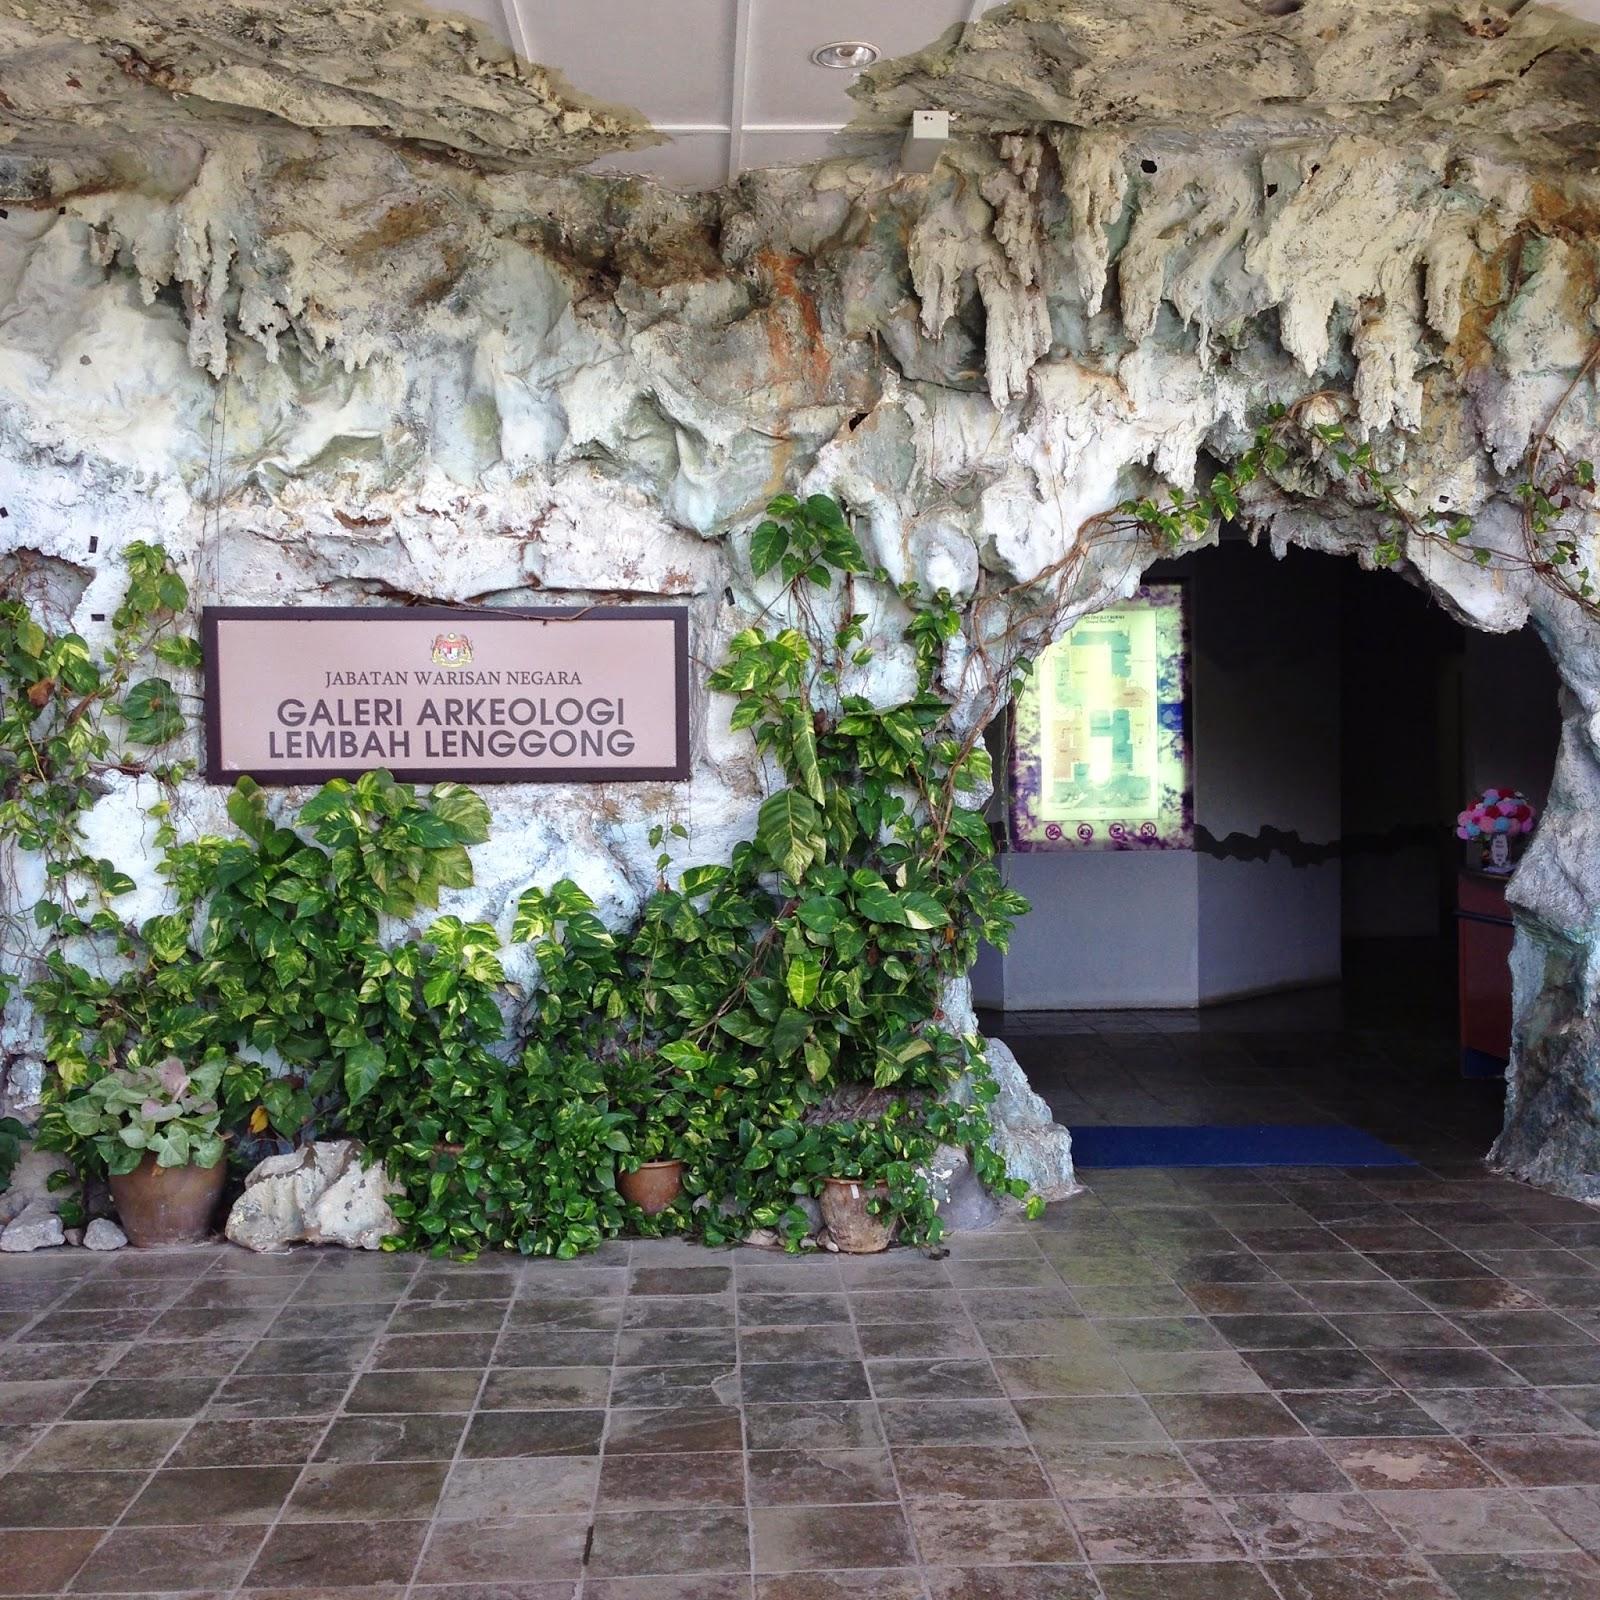 Galeri Arkeologi Lembah Lenggong